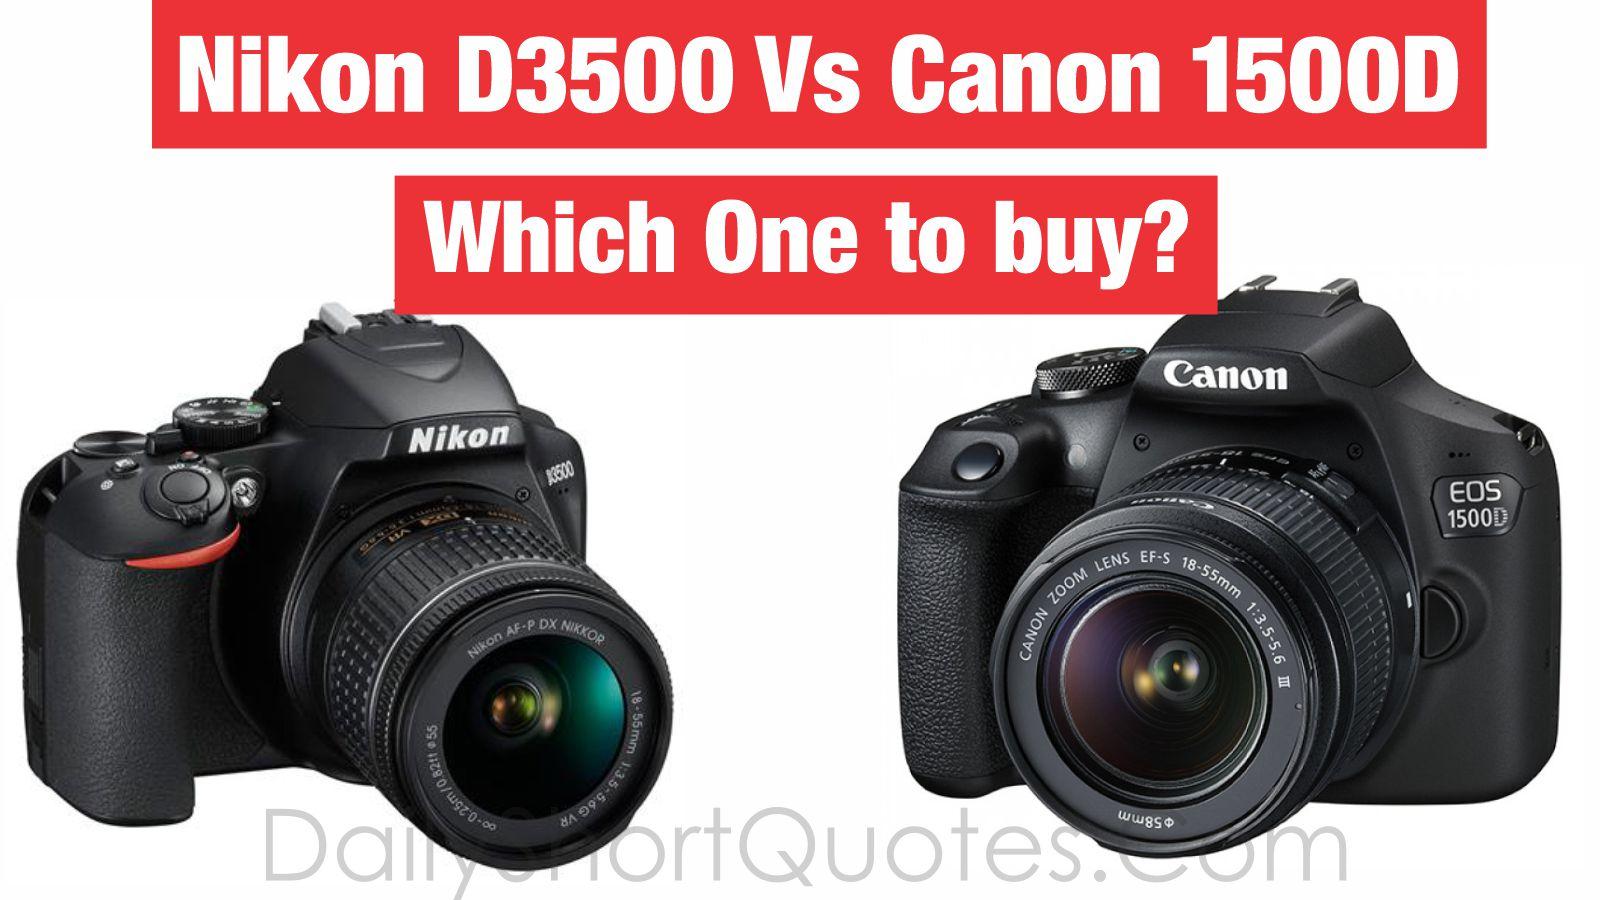 Nikon D3500 and Canon comparison